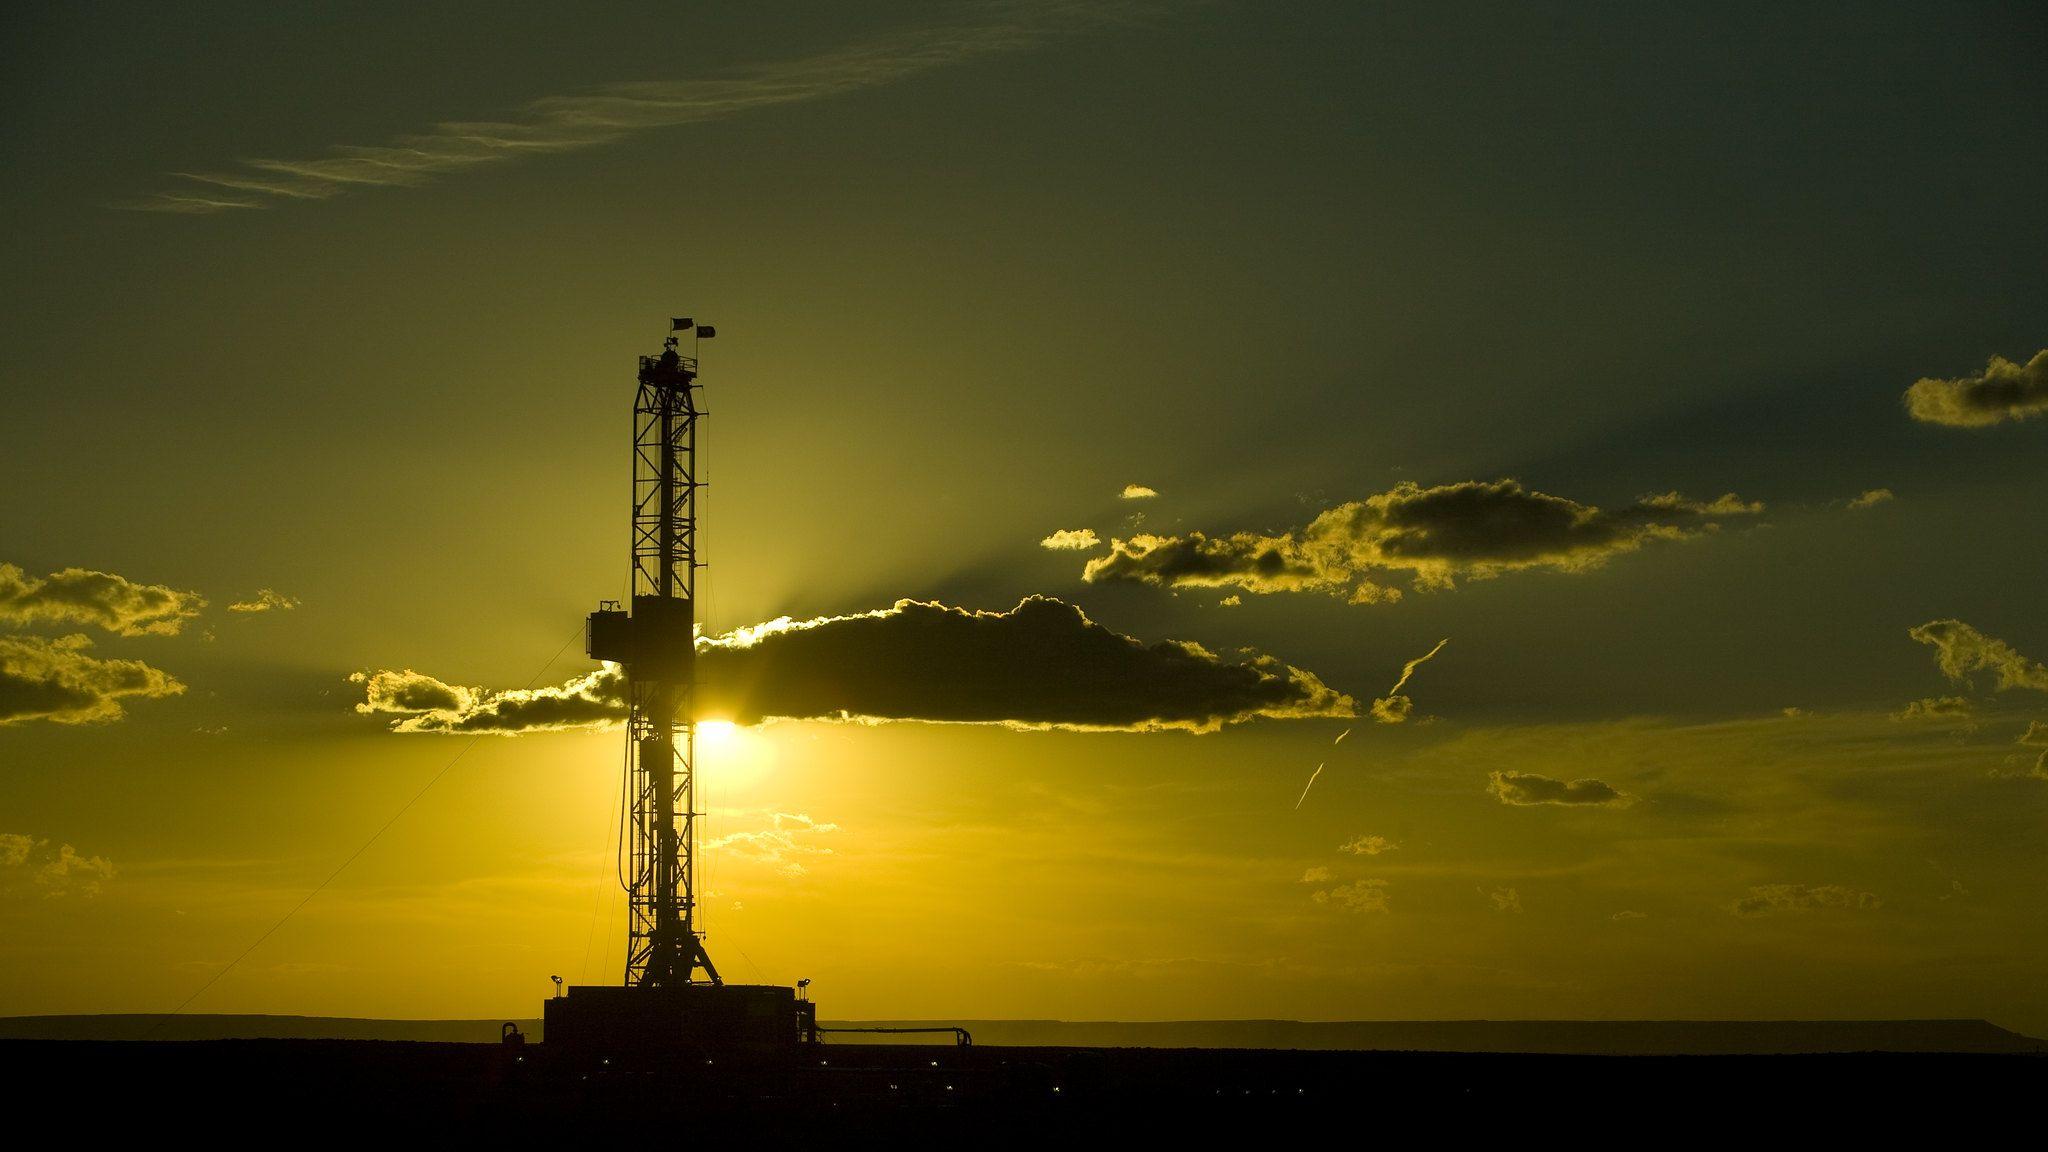 トランプ大統領が石油・天然ガス業界への支援を表明、新型コロナ対策で